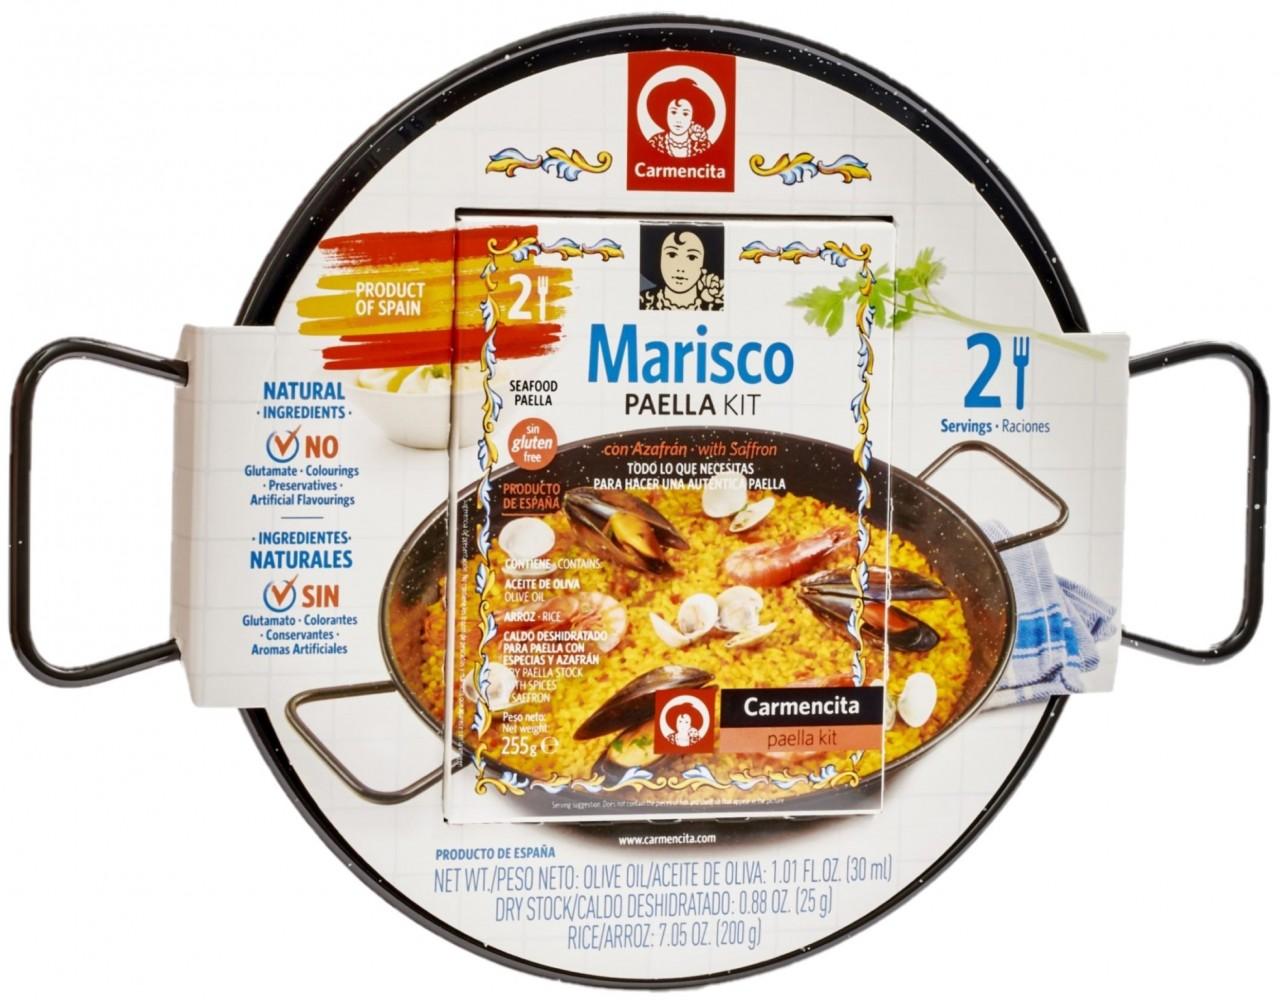 Paella KIT für 2 Personen - Pfanne und Zutaten für eine Original spanische Paella